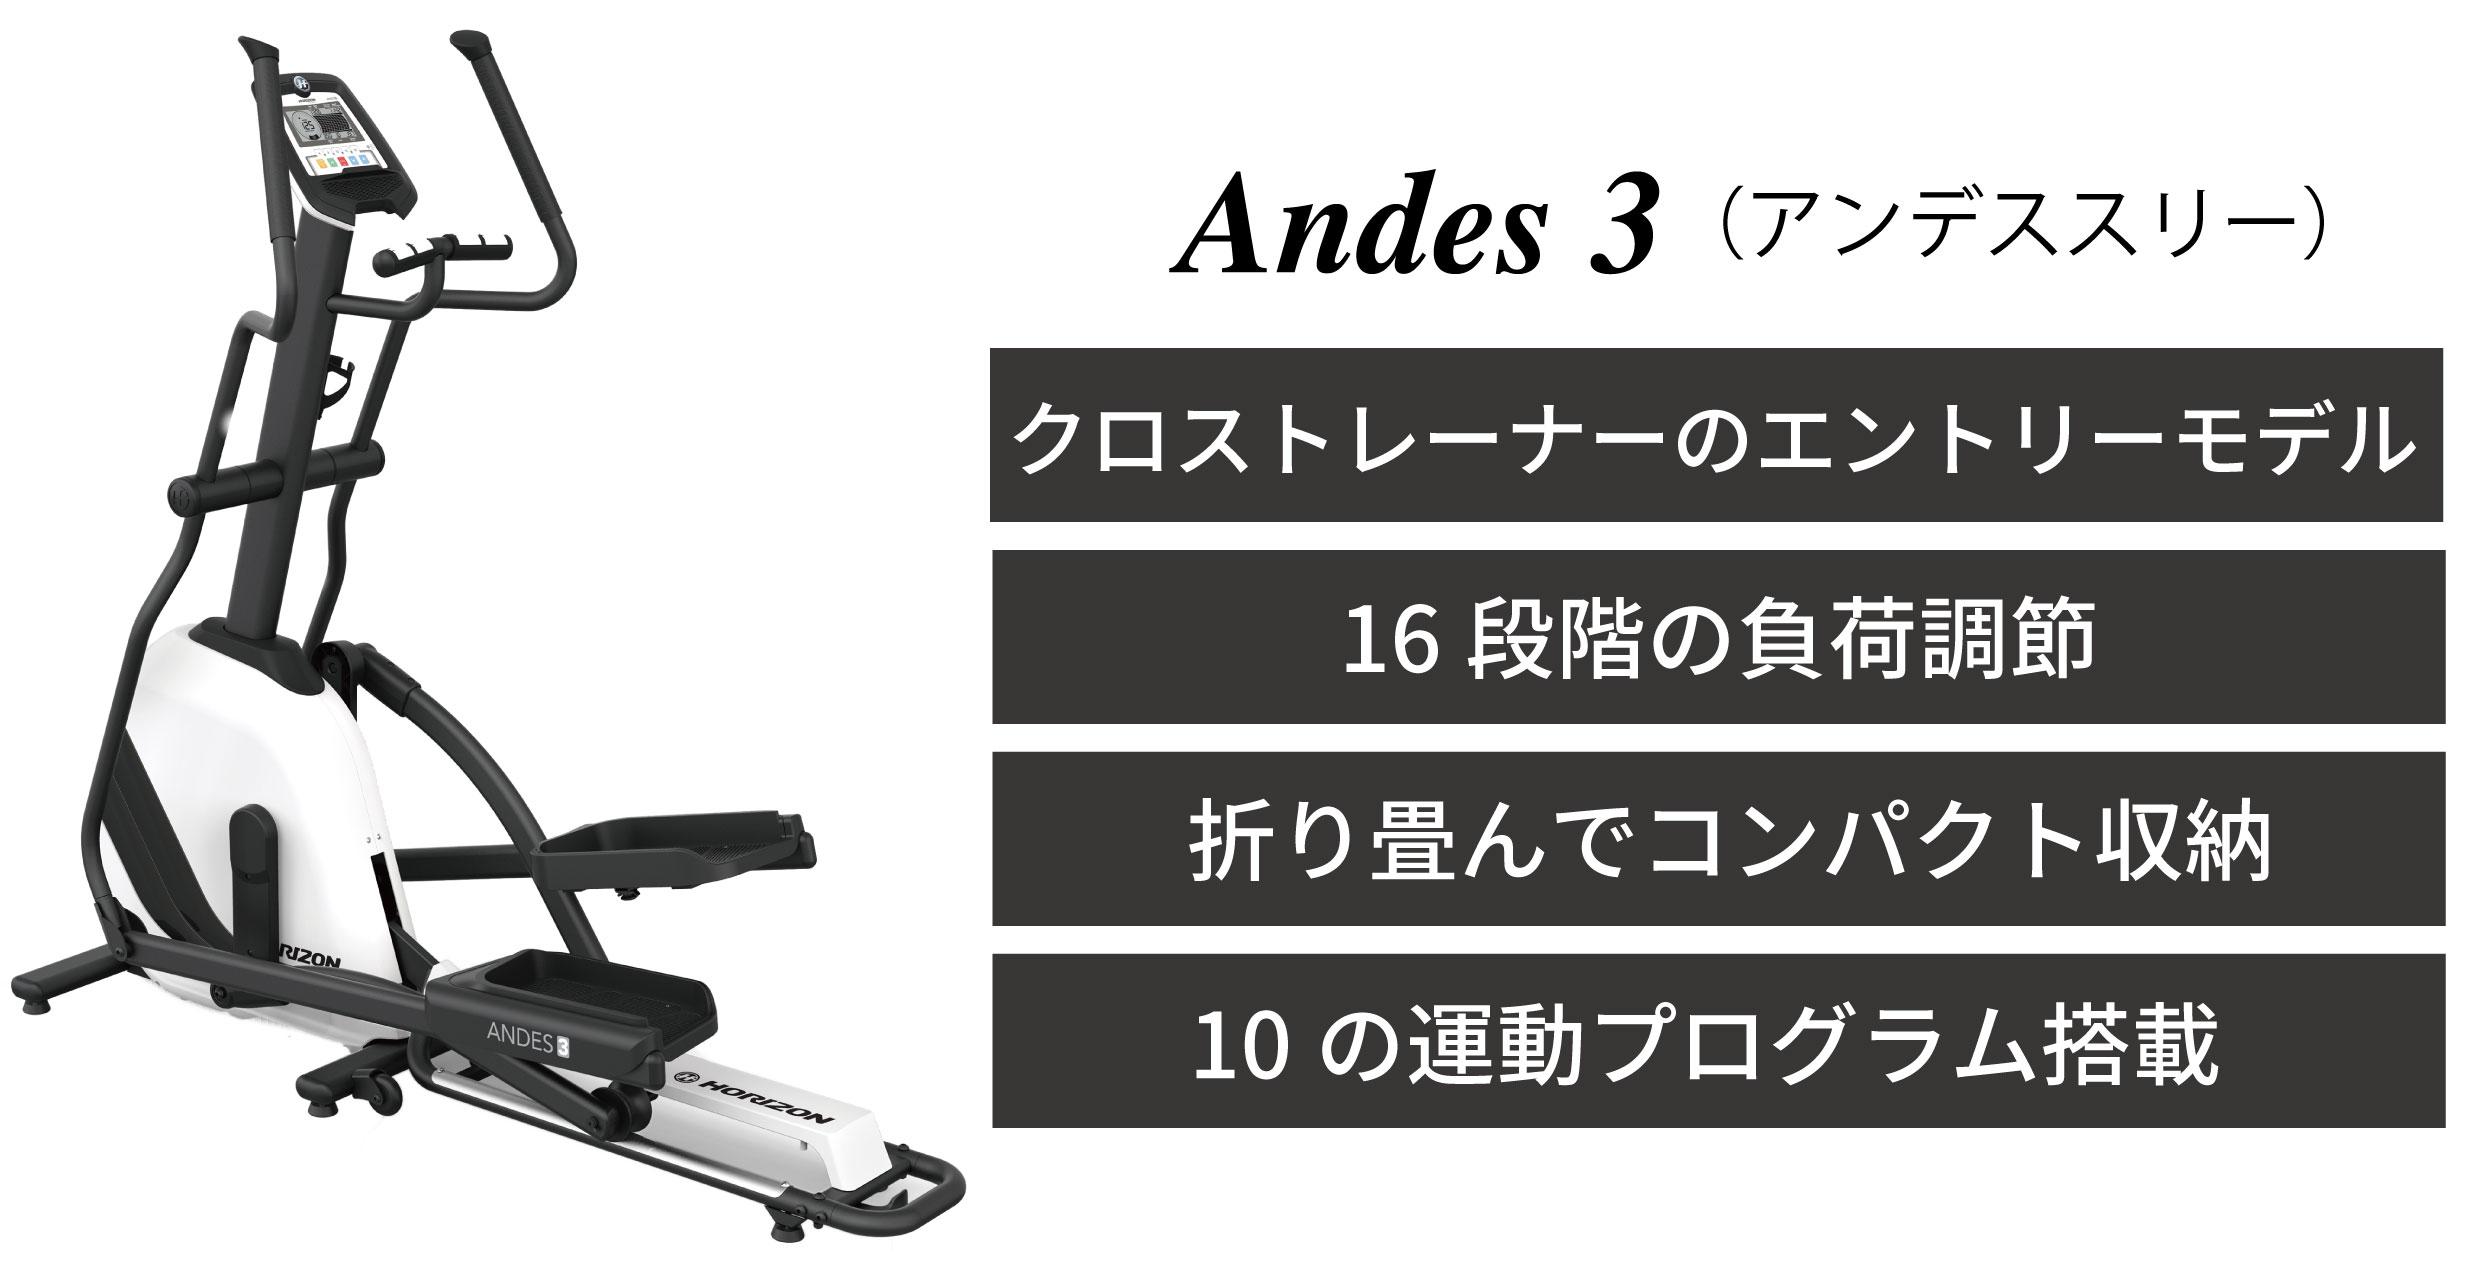 Andes3 クロストレーナー ジョンソンヘルステック